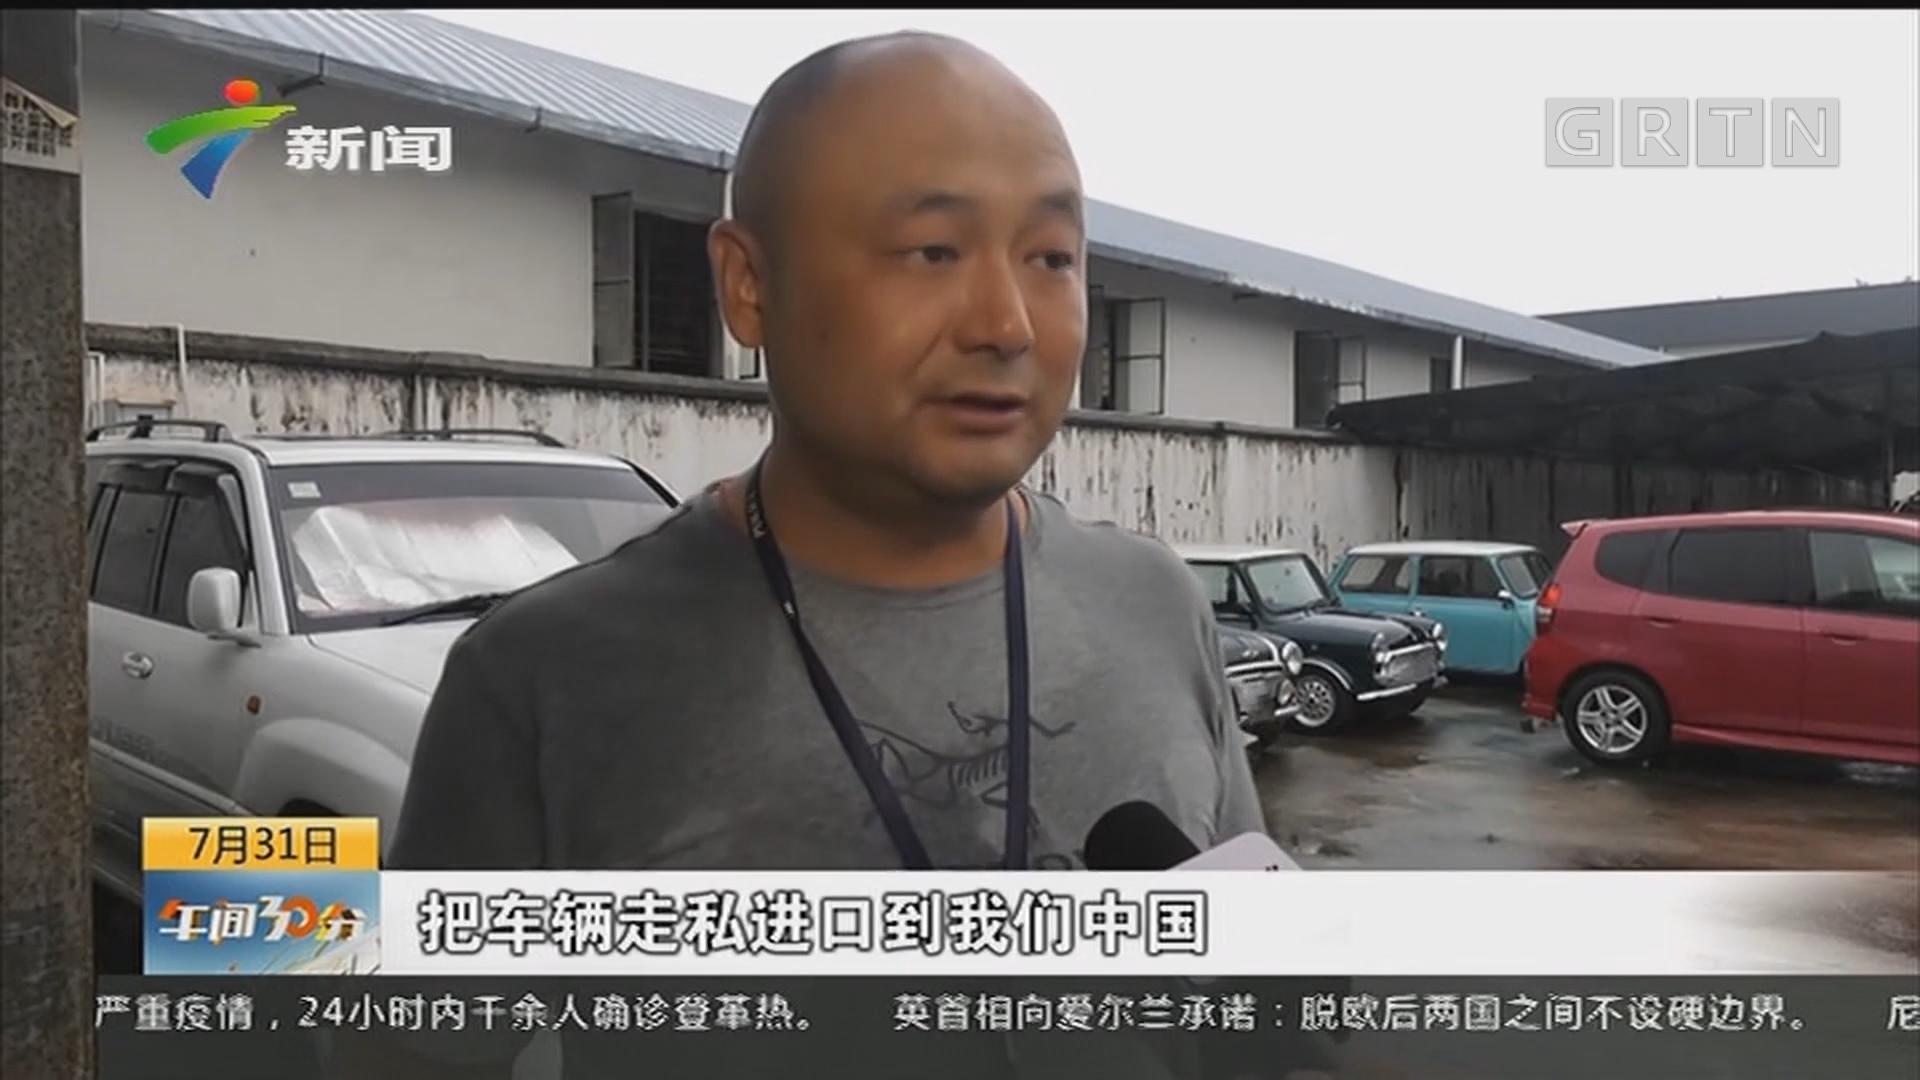 黄埔海关破获一起走私进口二手汽车案:现场查获二手汽车138辆